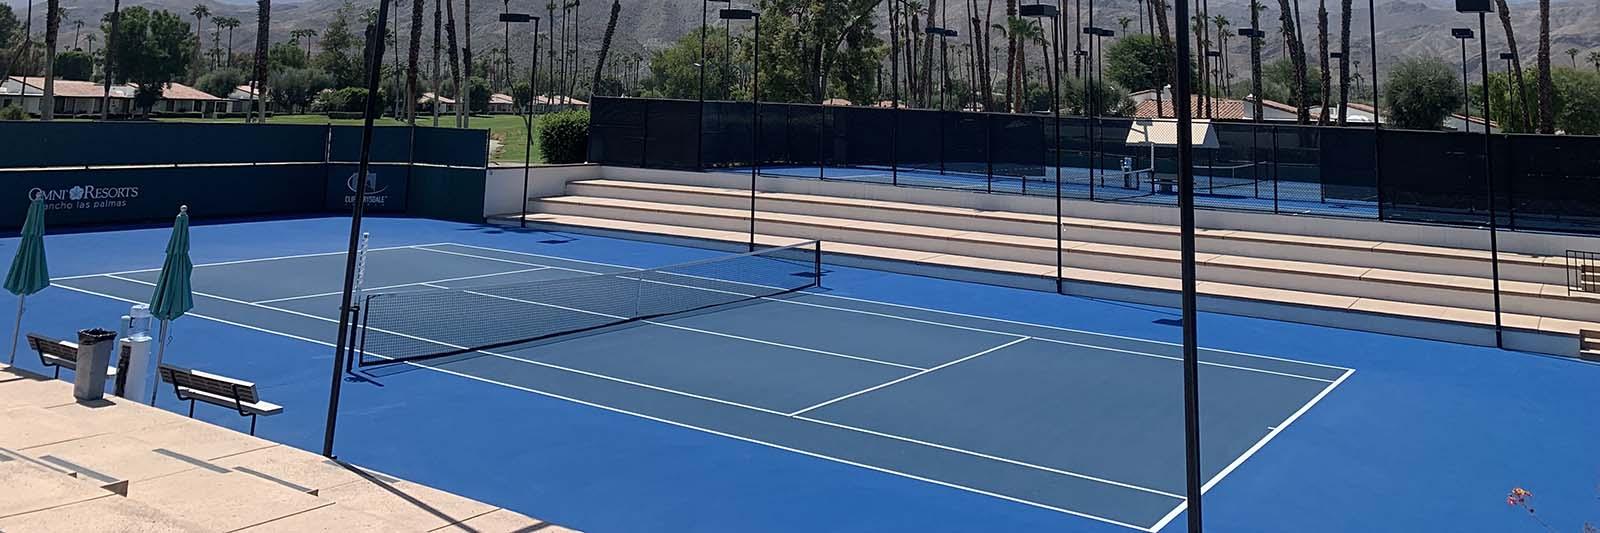 Omni Rancho Las Palmas Resort & Spa, Rancho Mirage, Calfornia